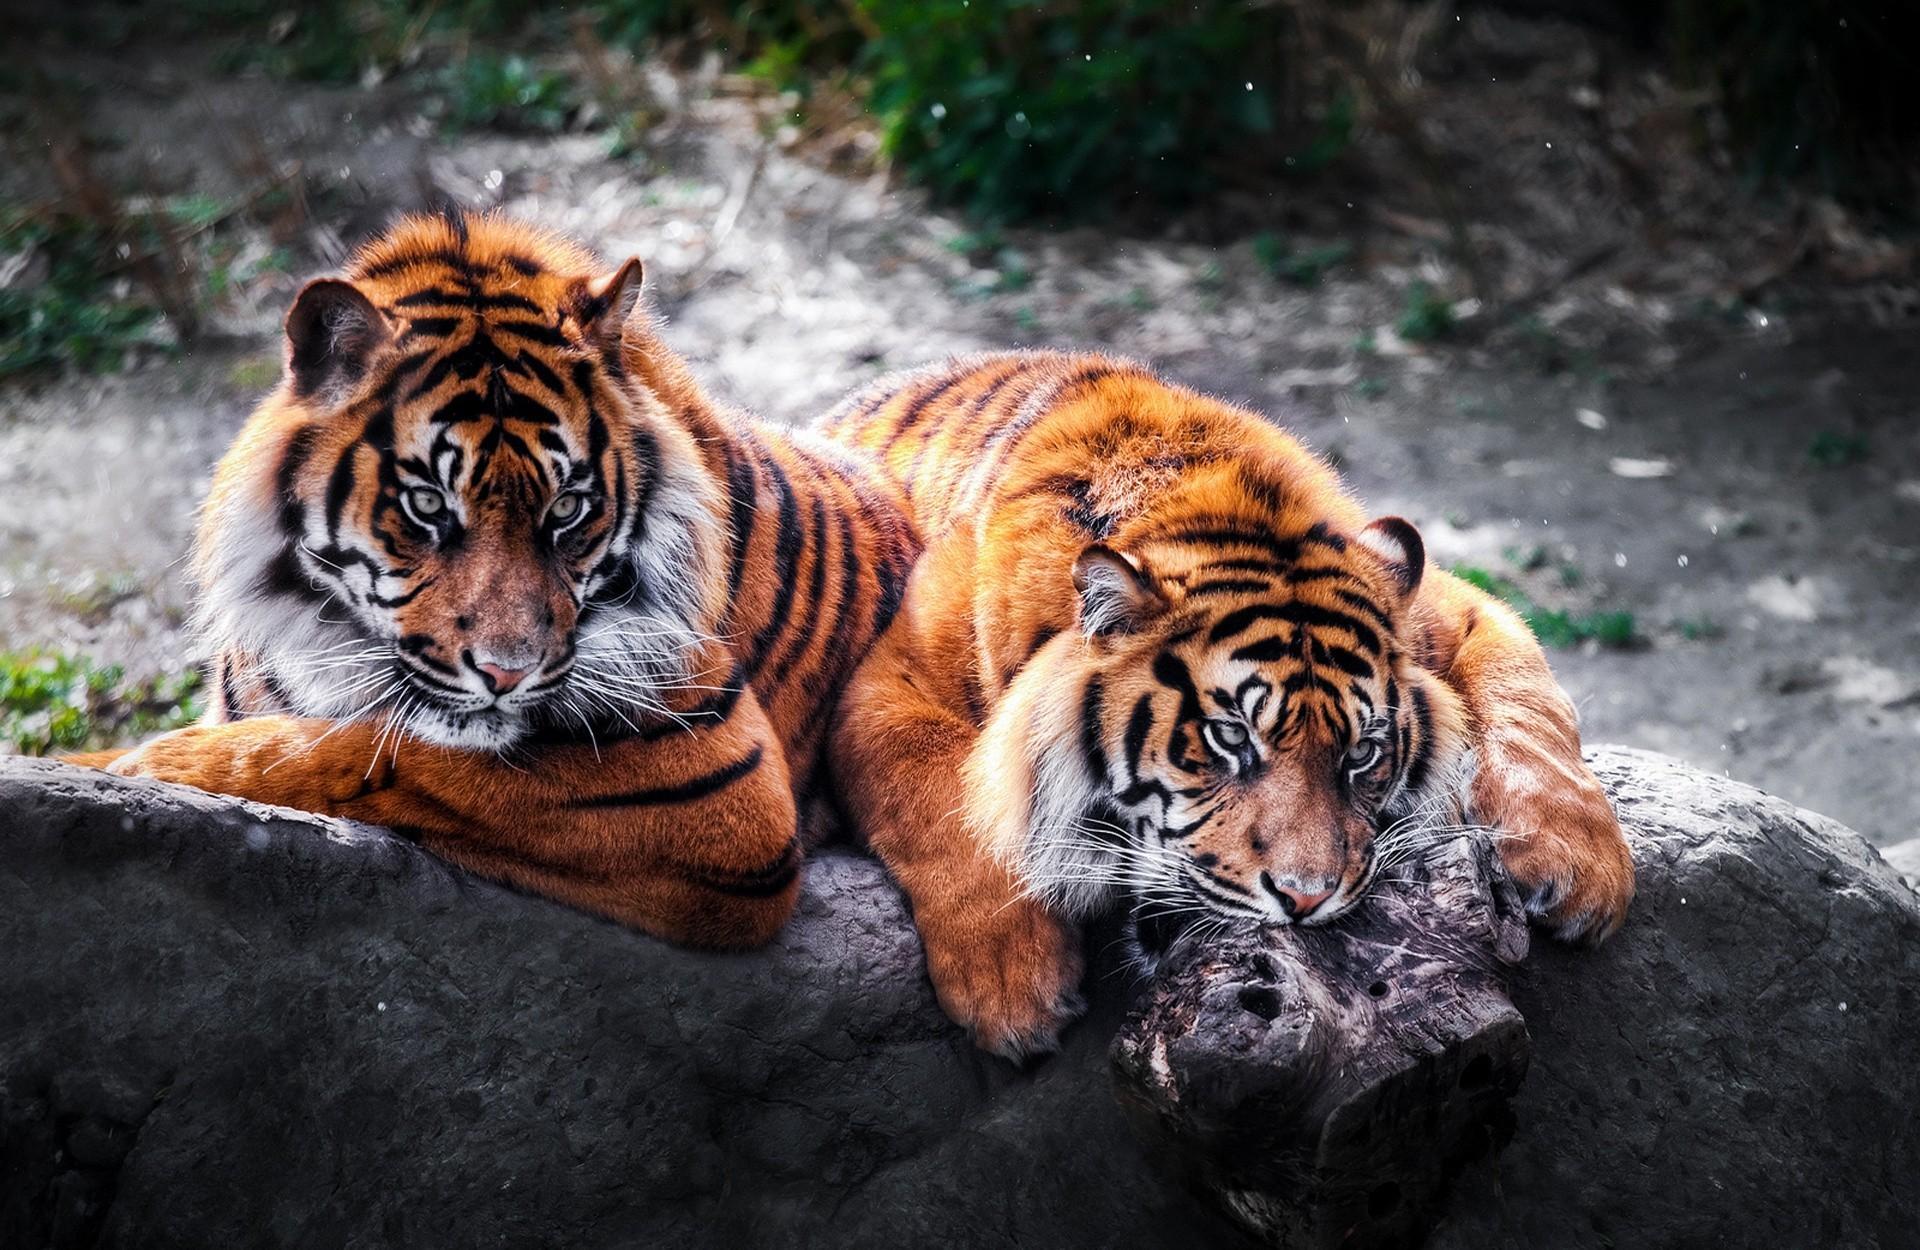 Картинка с тигром для рабочего стола, сделать открытку